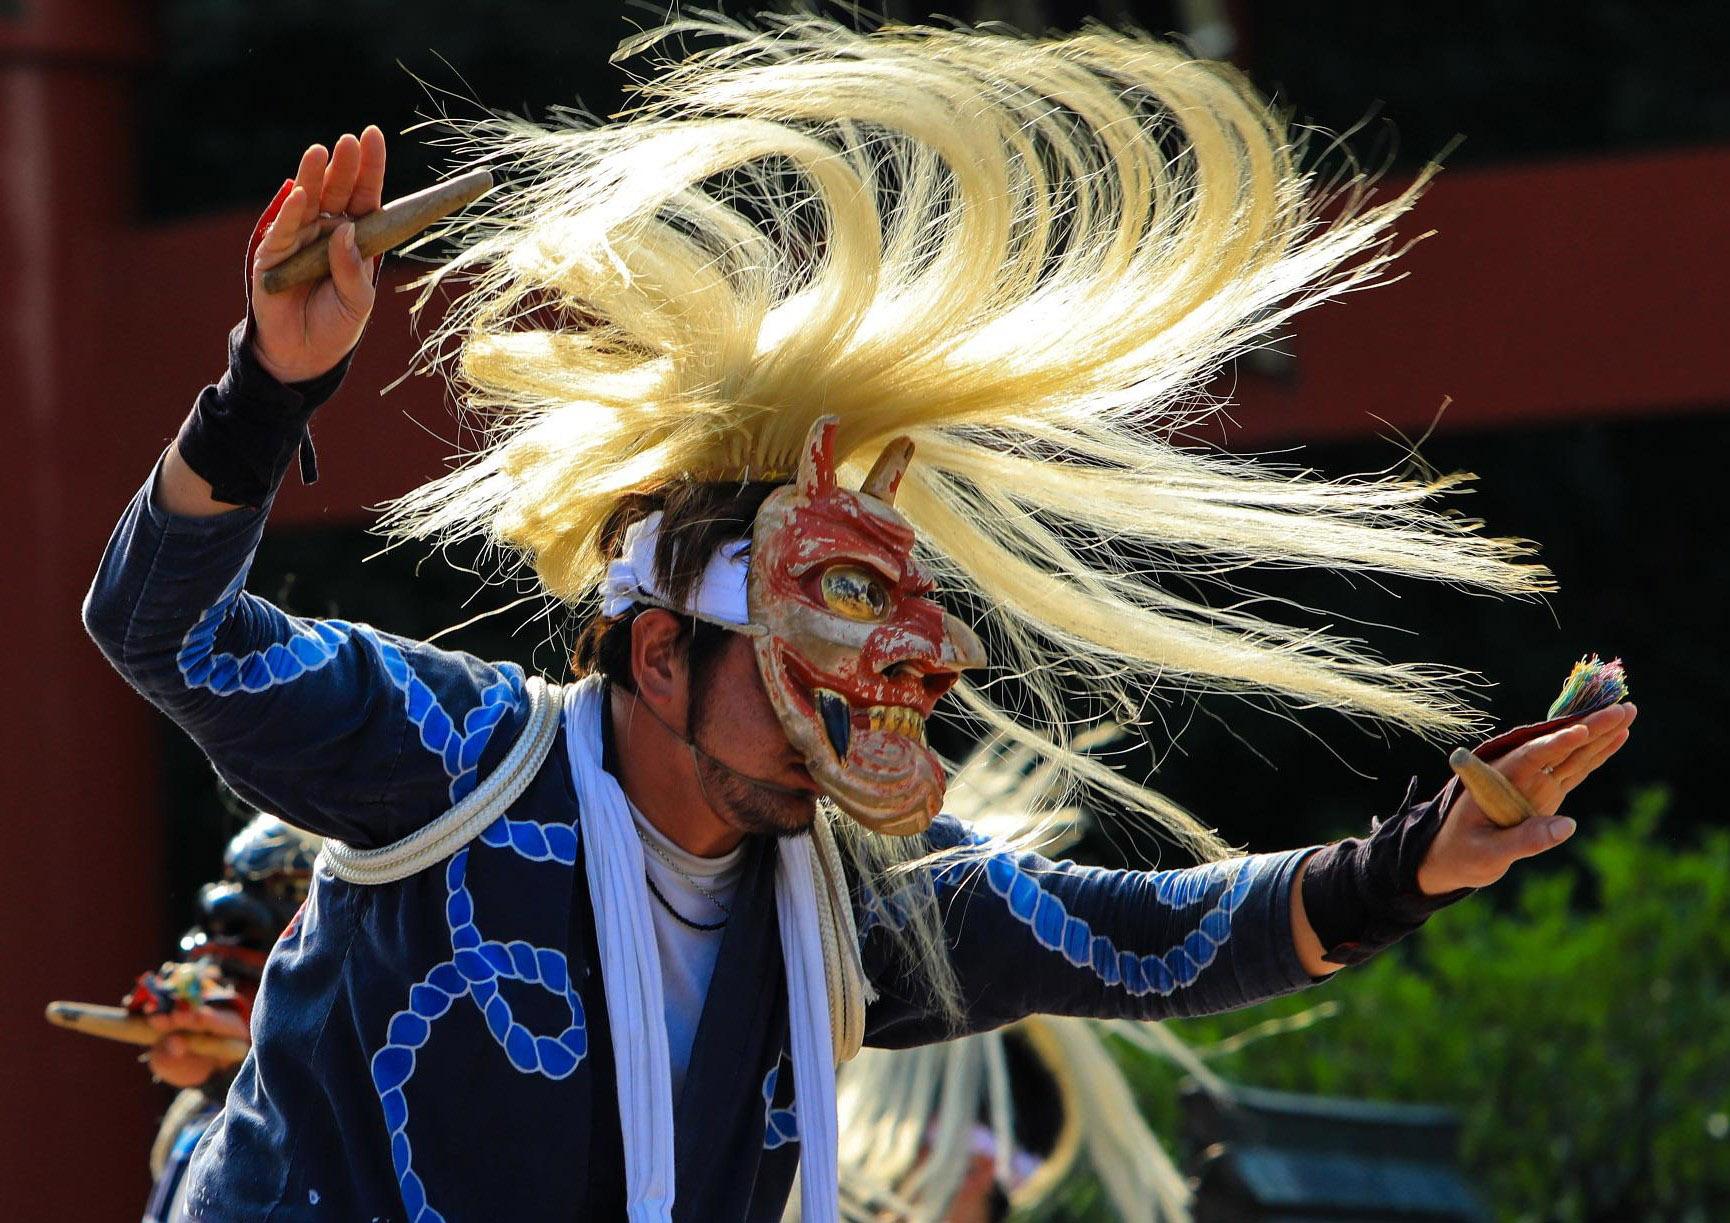 かしま伝承芸能フェスティバルの面浮立